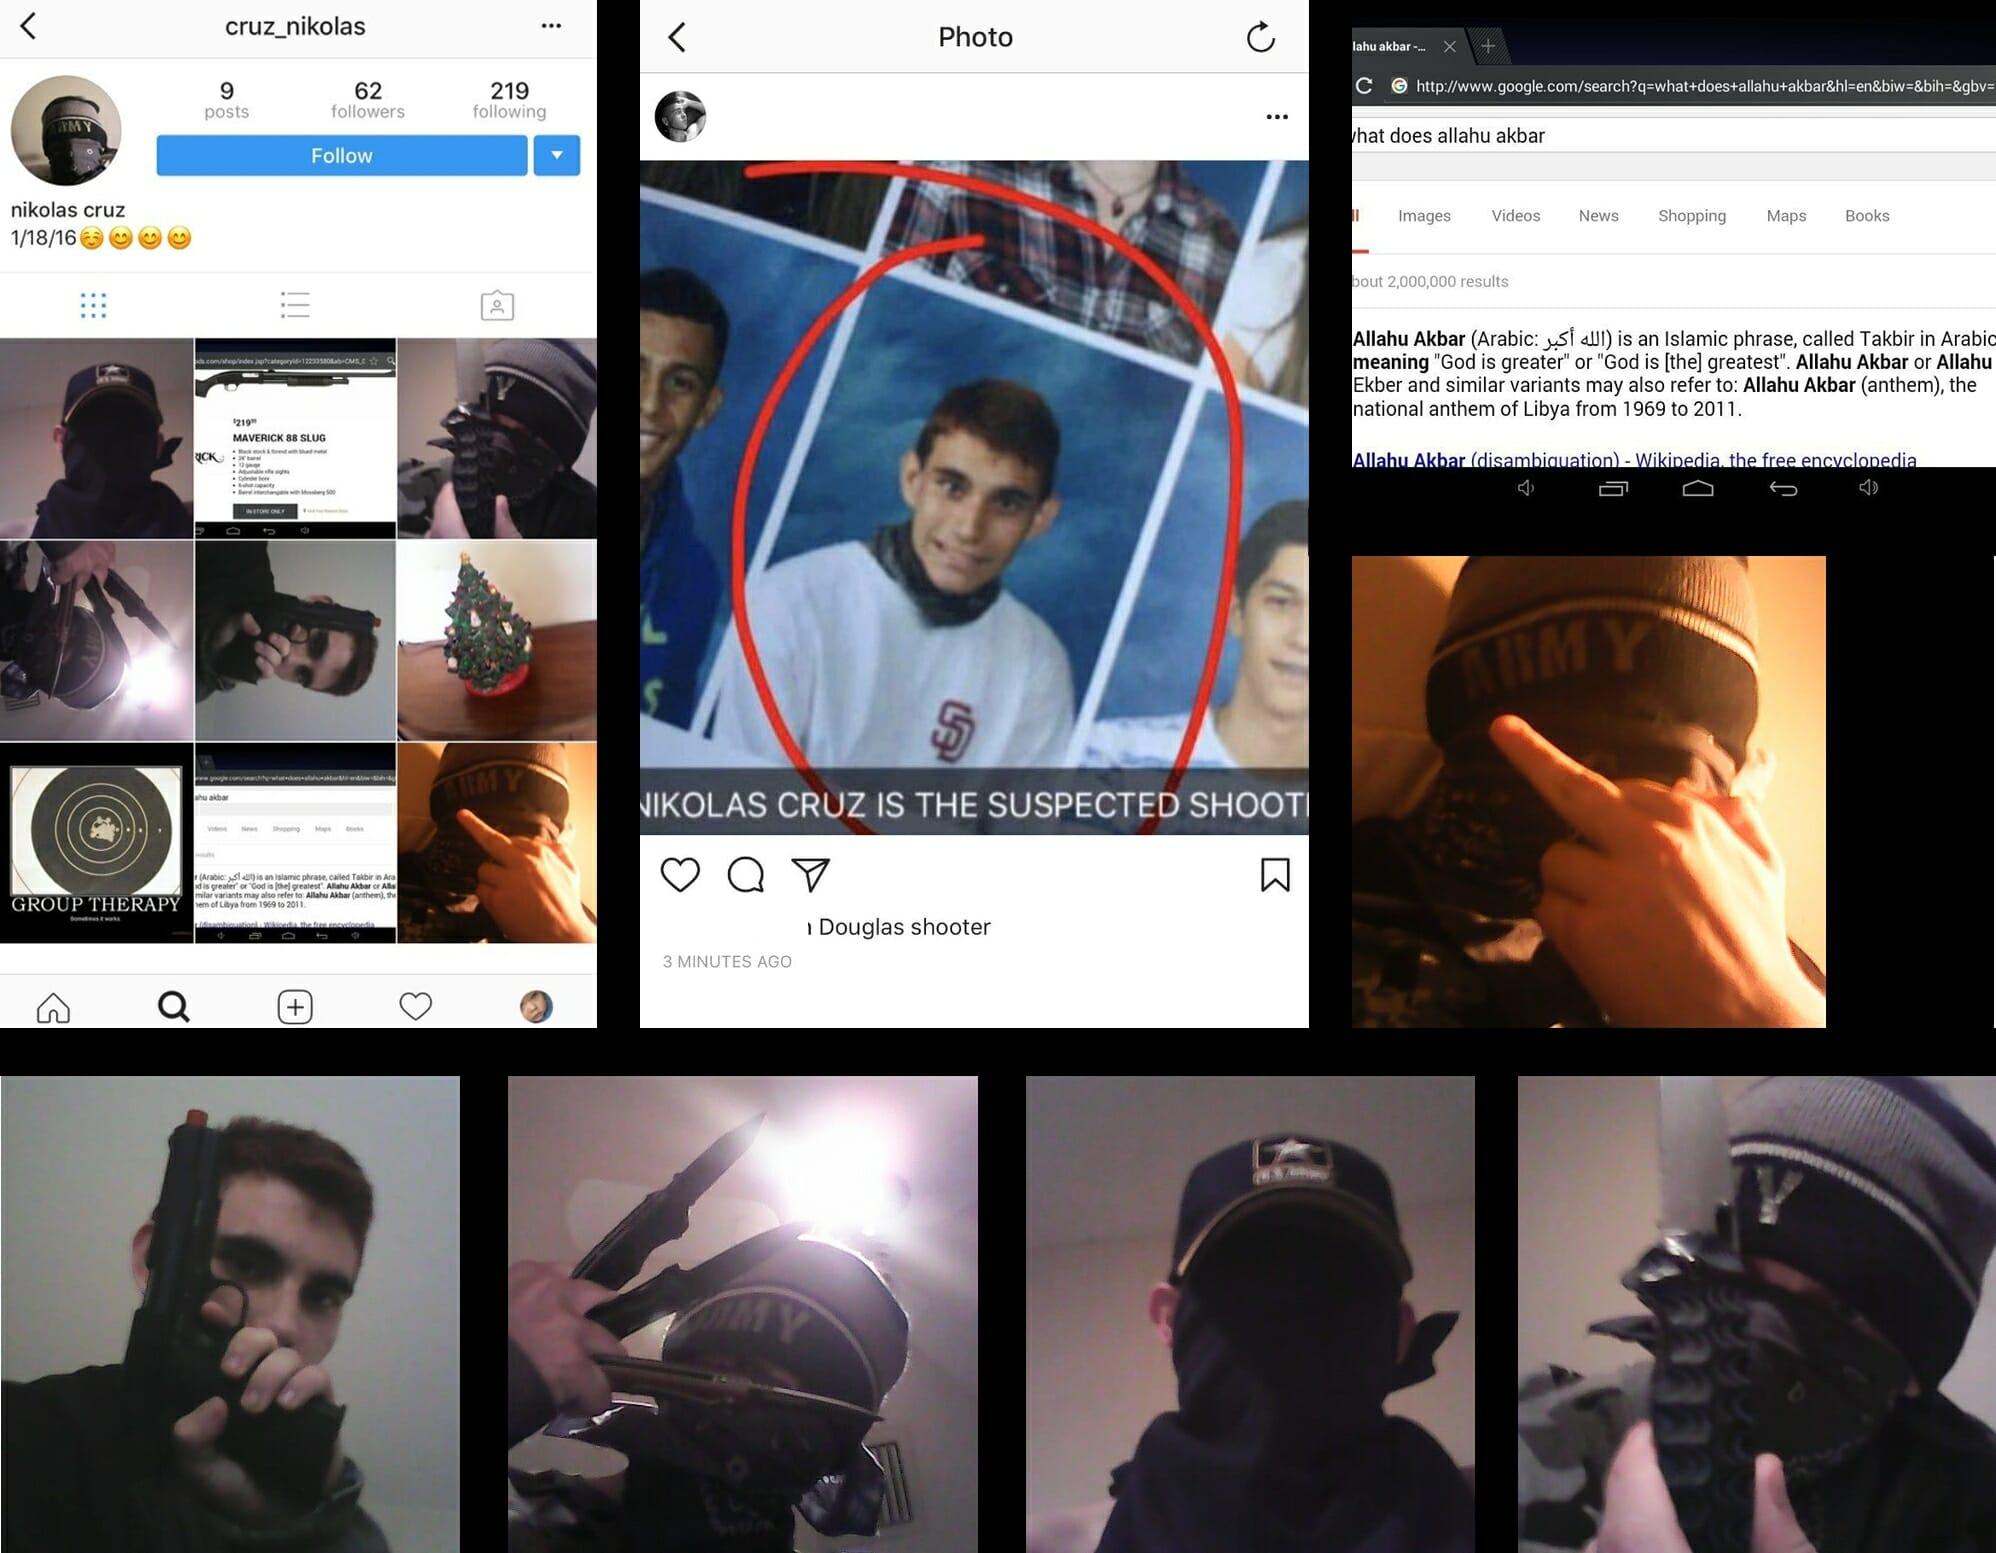 Фотография подозреваемого и предположительно скриншоты аккаунта в Instagram (в настоящее время аккаунт по ссылке недоступен)